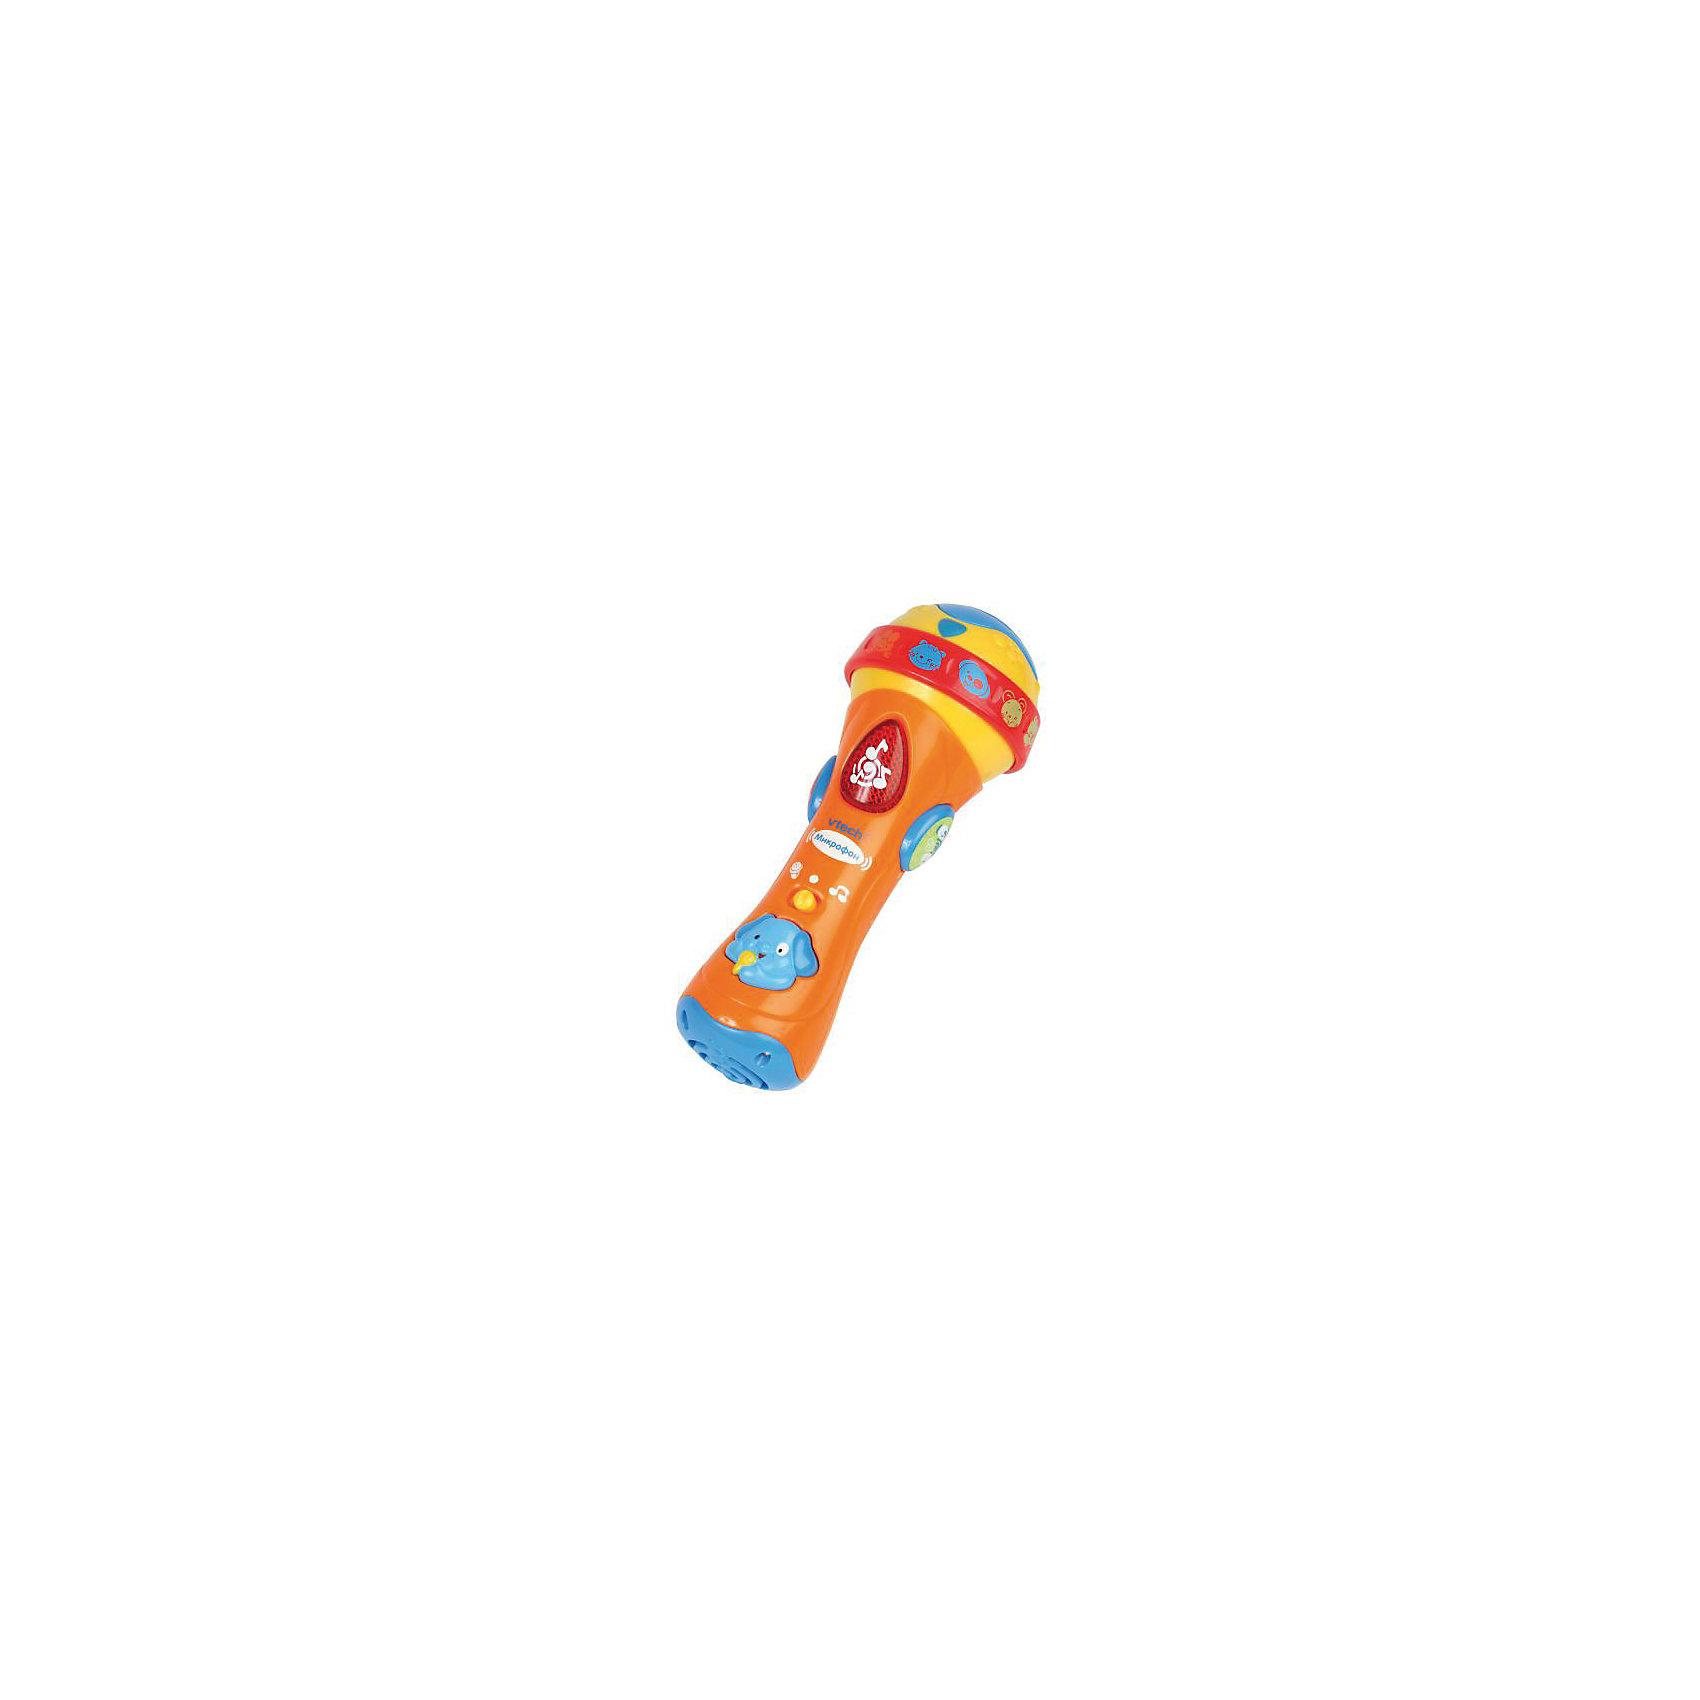 Развивающая игрушка Микрофон, VtechИнтерактивные игрушки для малышей<br>Развивающая игрушка «Микрофон» от Vtech специально сделана для малышей, которые любят танцевать!<br><br>Форма микрофона выполнена так, что малышу будет удобно держать его в руке и одновременно нажимать на кнопки, меняя режимы. <br><br>Интерактивный микрофон при помощи разнообразных звуковых эффектов познакомит ребенка с нотами, разовьёт чувство ритма, поможет запомнить названия и звуки 12 животных. <br><br>С функцией караоке Ваш малыш не будет скучать. Нажимая на яркие светящиеся кнопки, слушая веселые песенки и забавные мелодии, Ваш непоседа проведет время увлекательно и с пользой, не скучая ни минуты.<br><br>Дополнительная информация:<br><br>- Мелодии из мультфильмов<br>- 12 названий и звуков животных<br>- 18 дополнительных мелодий<br>- Режим вопросов<br>- Озвучивание: профессиональное (одноголосное)<br>- Размер упаковки: 9 х 15 х 19 см. <br>- Размер игрушки: 18 х 5 х 4 см<br>- Батарейки:  3 x AAA, не входят в комплект<br>- Материал: пластмасса<br>- Вес: 175 г.<br><br>Развивающую игрушку Микрофон от Vtech можно купить в нашем интернет-магазине.<br><br>Ширина мм: 90<br>Глубина мм: 150<br>Высота мм: 190<br>Вес г: 380<br>Возраст от месяцев: 12<br>Возраст до месяцев: 36<br>Пол: Унисекс<br>Возраст: Детский<br>SKU: 2240468